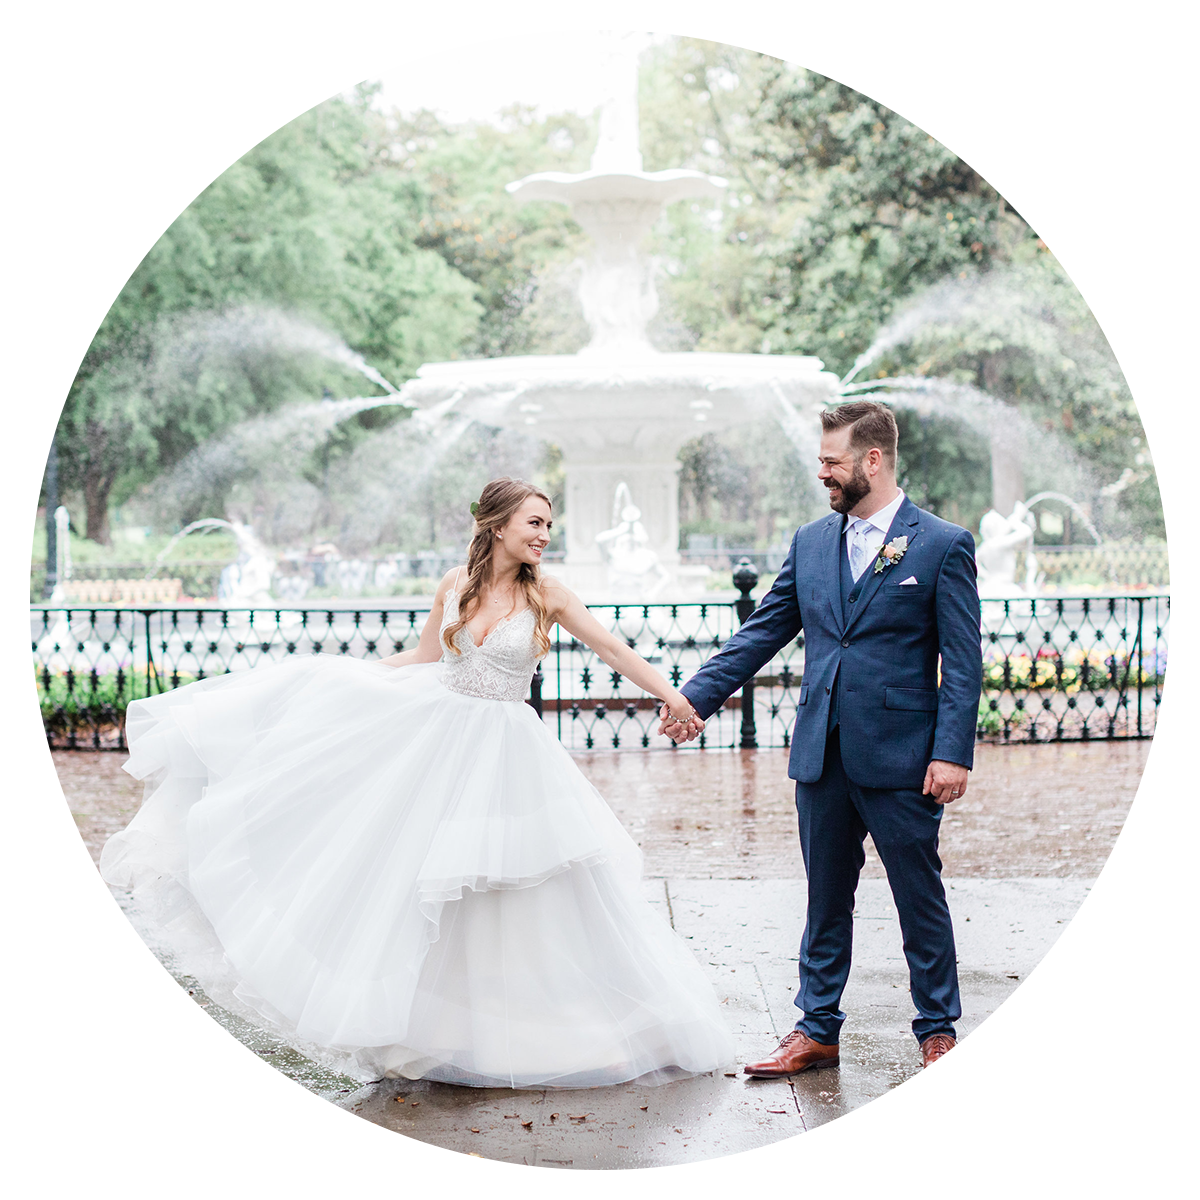 kim-luke-forsyth-park-wedding-apt-b-photo-savannah-wedding-photorapher-savannah-elopement-photographer-savannah-weddings.png